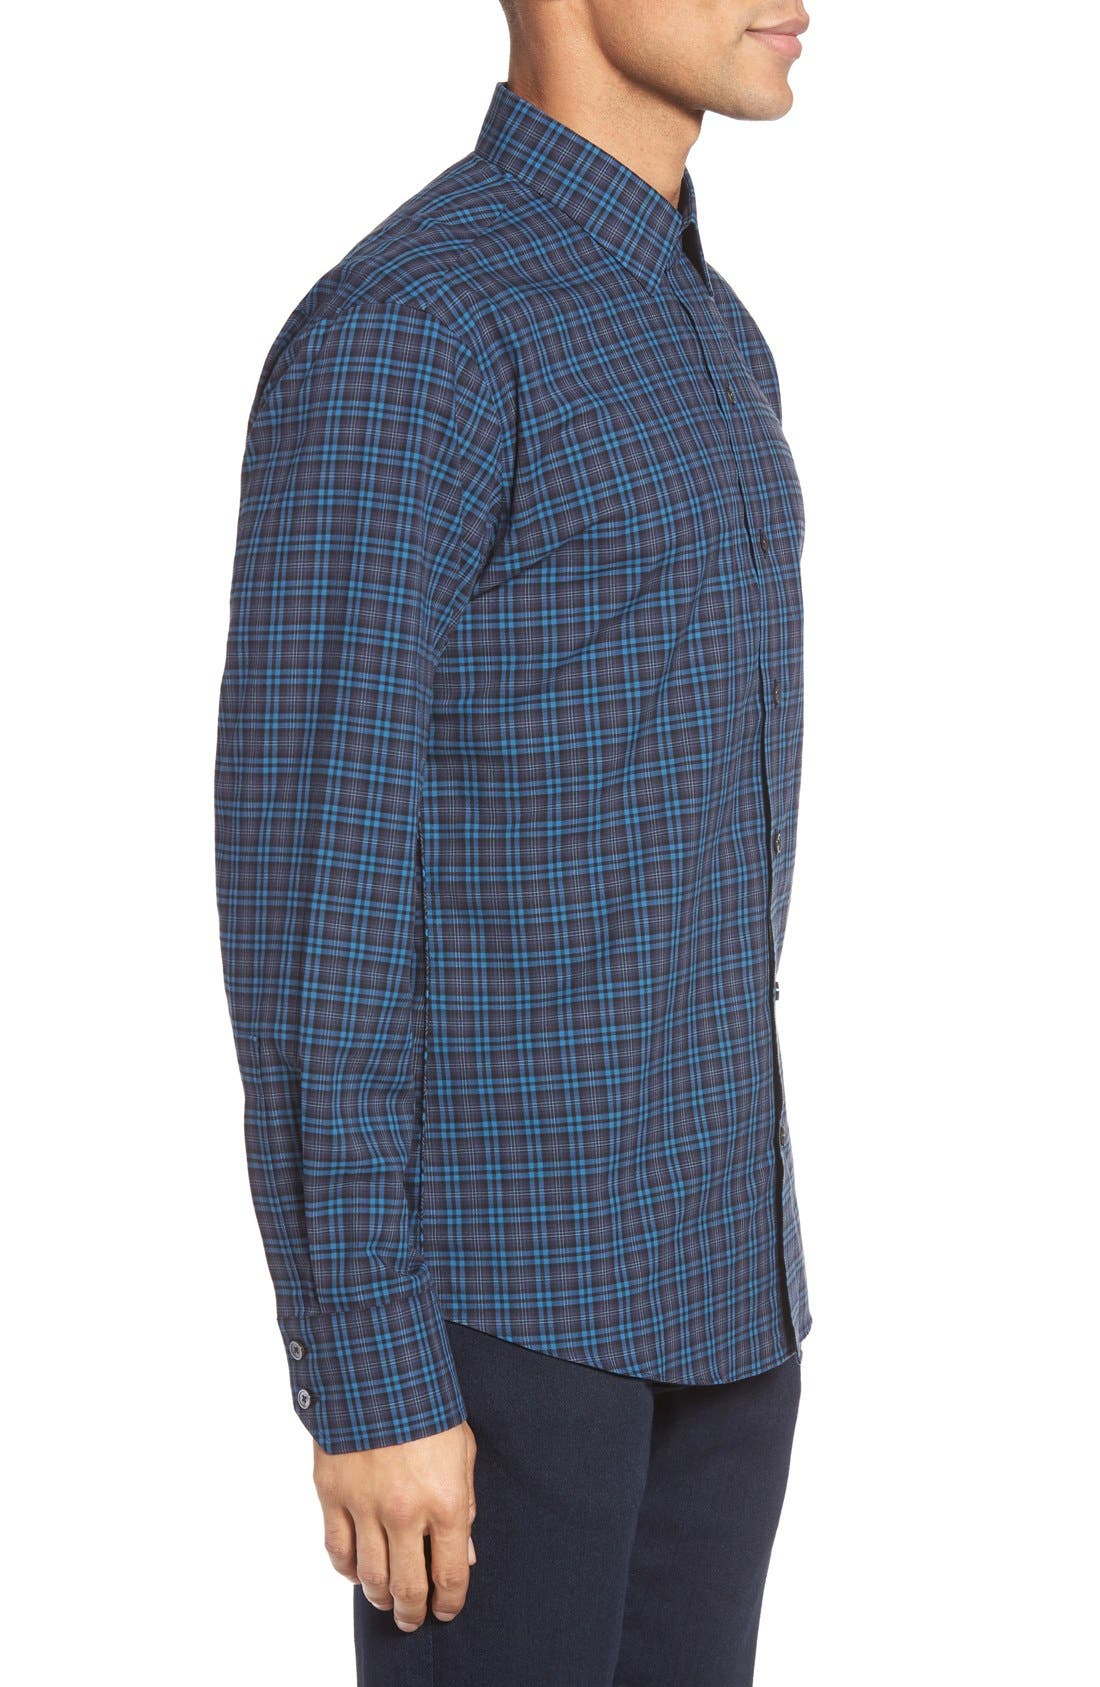 Adler Trim Fit Plaid Sport Shirt,                             Alternate thumbnail 4, color,                             402